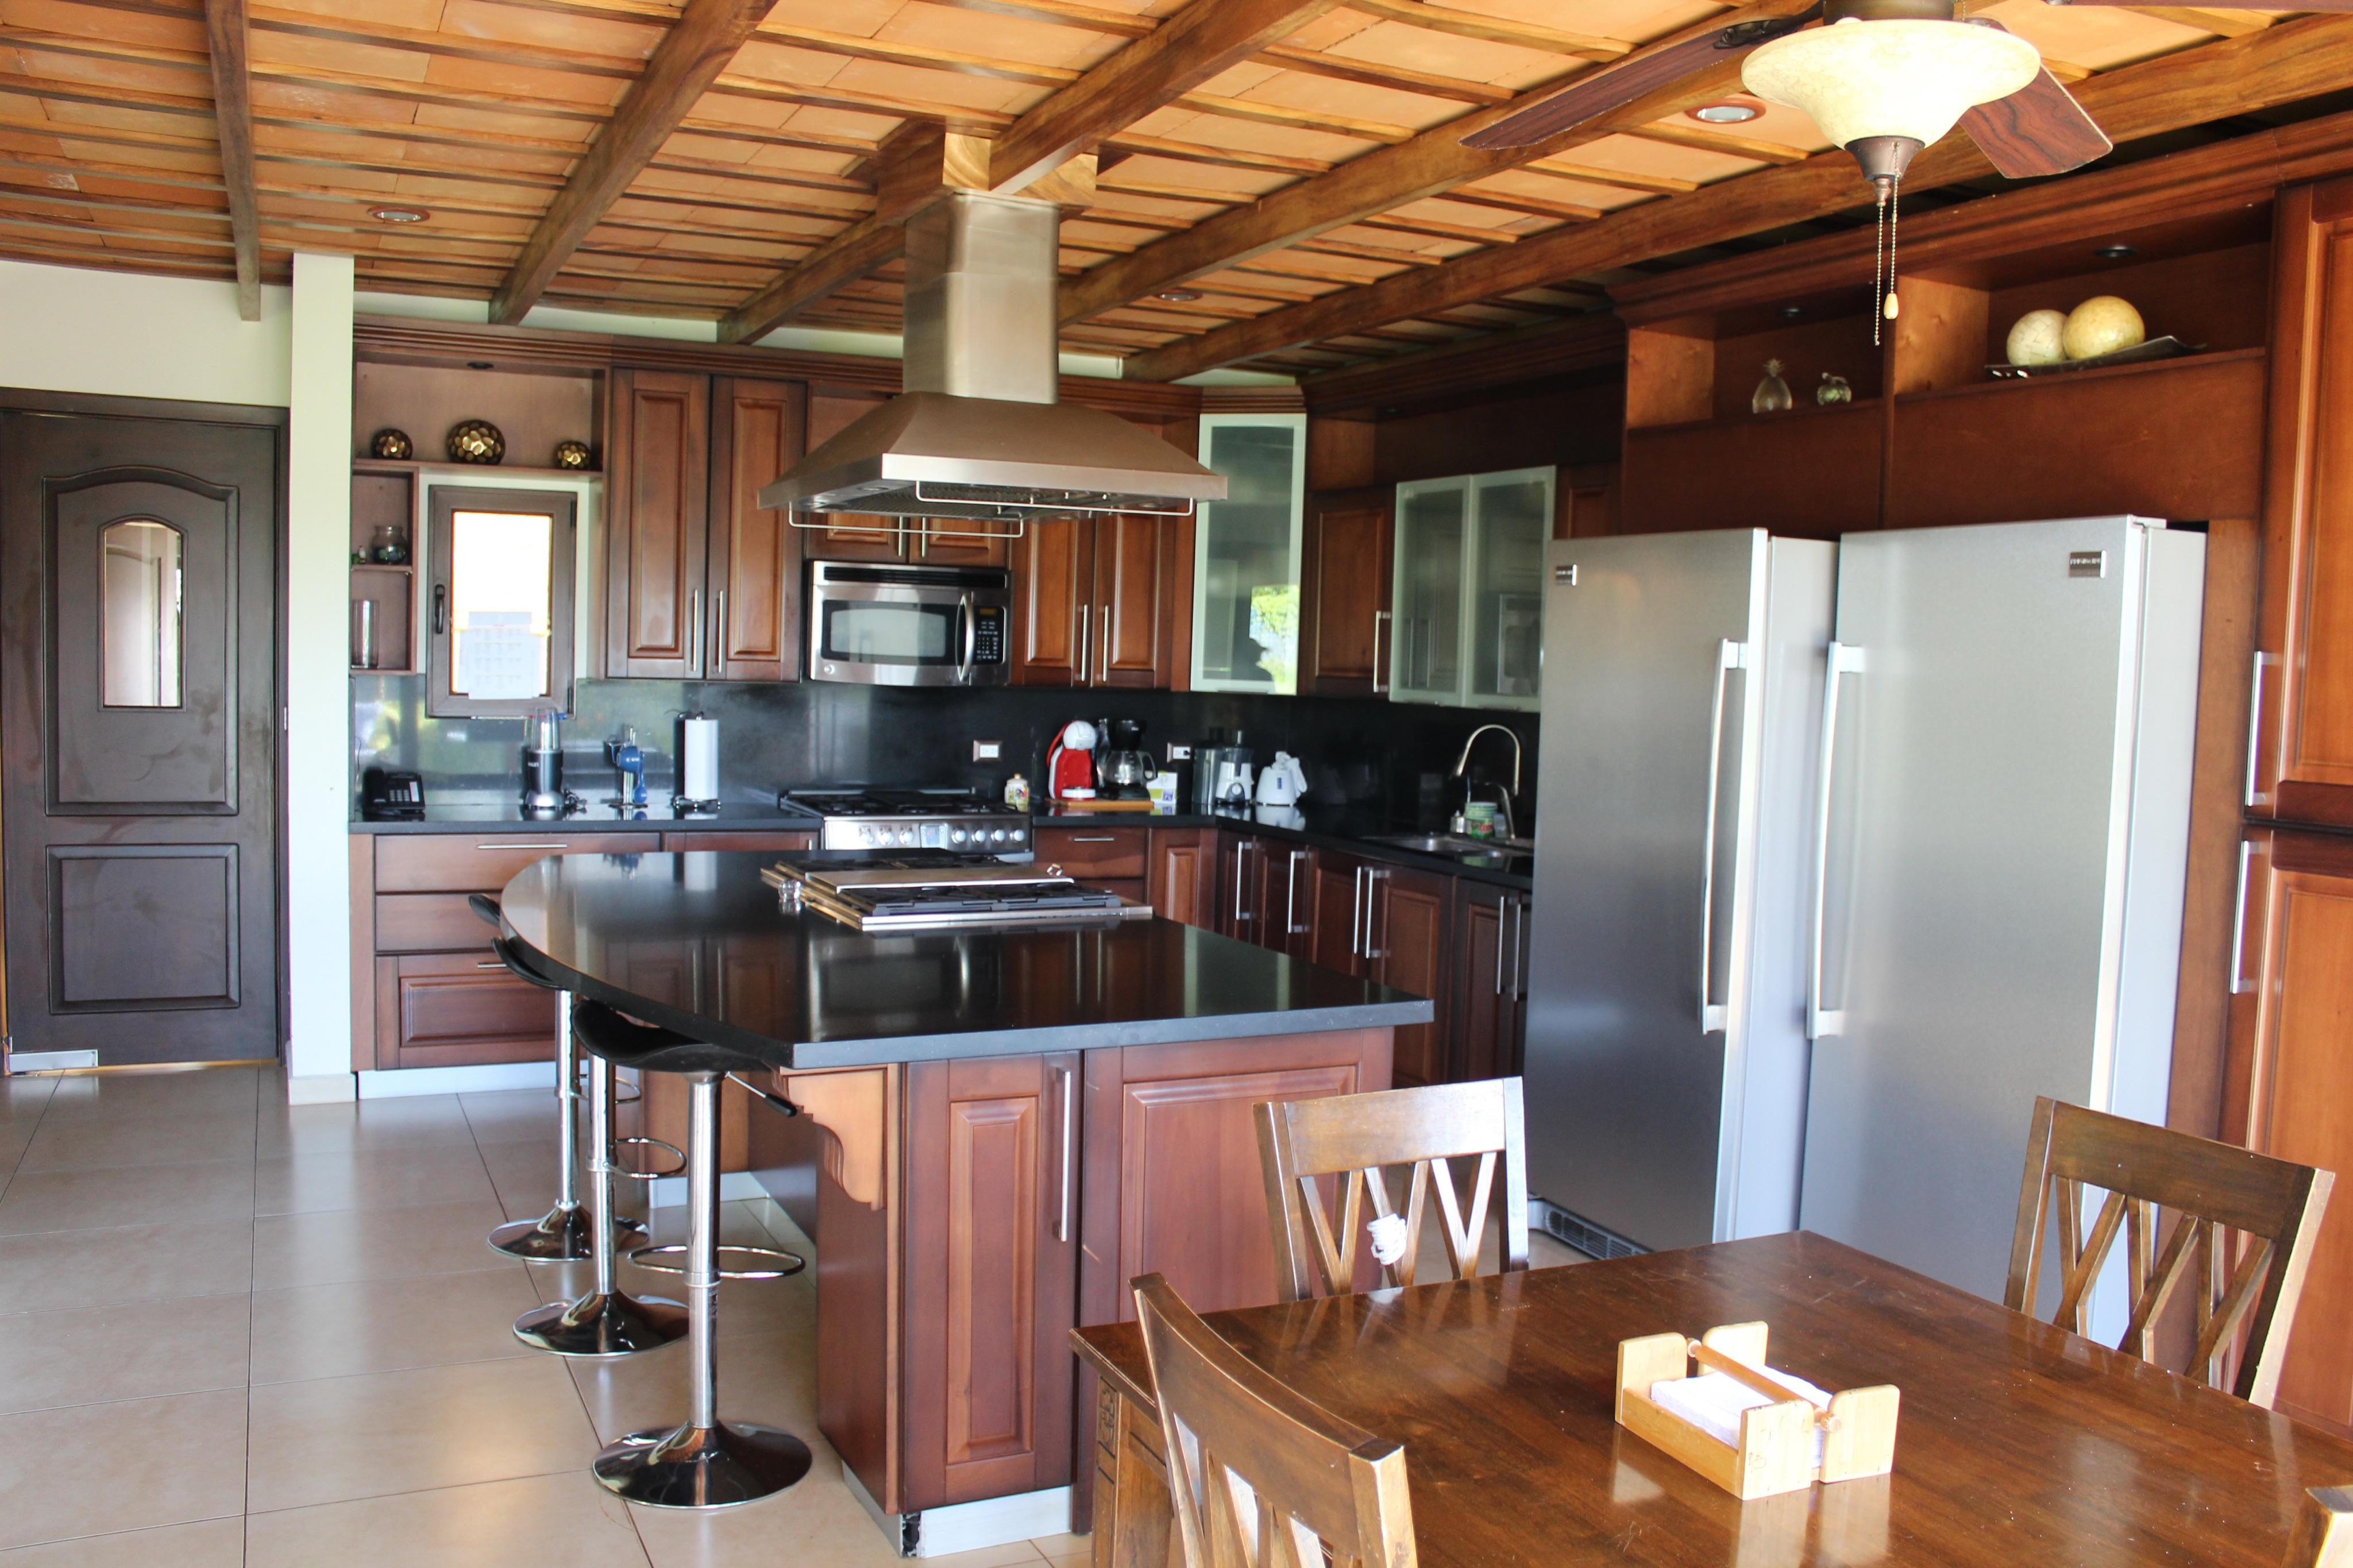 CPTCR0112 Casa en Venta Alturas de Tenerife  cocina 2